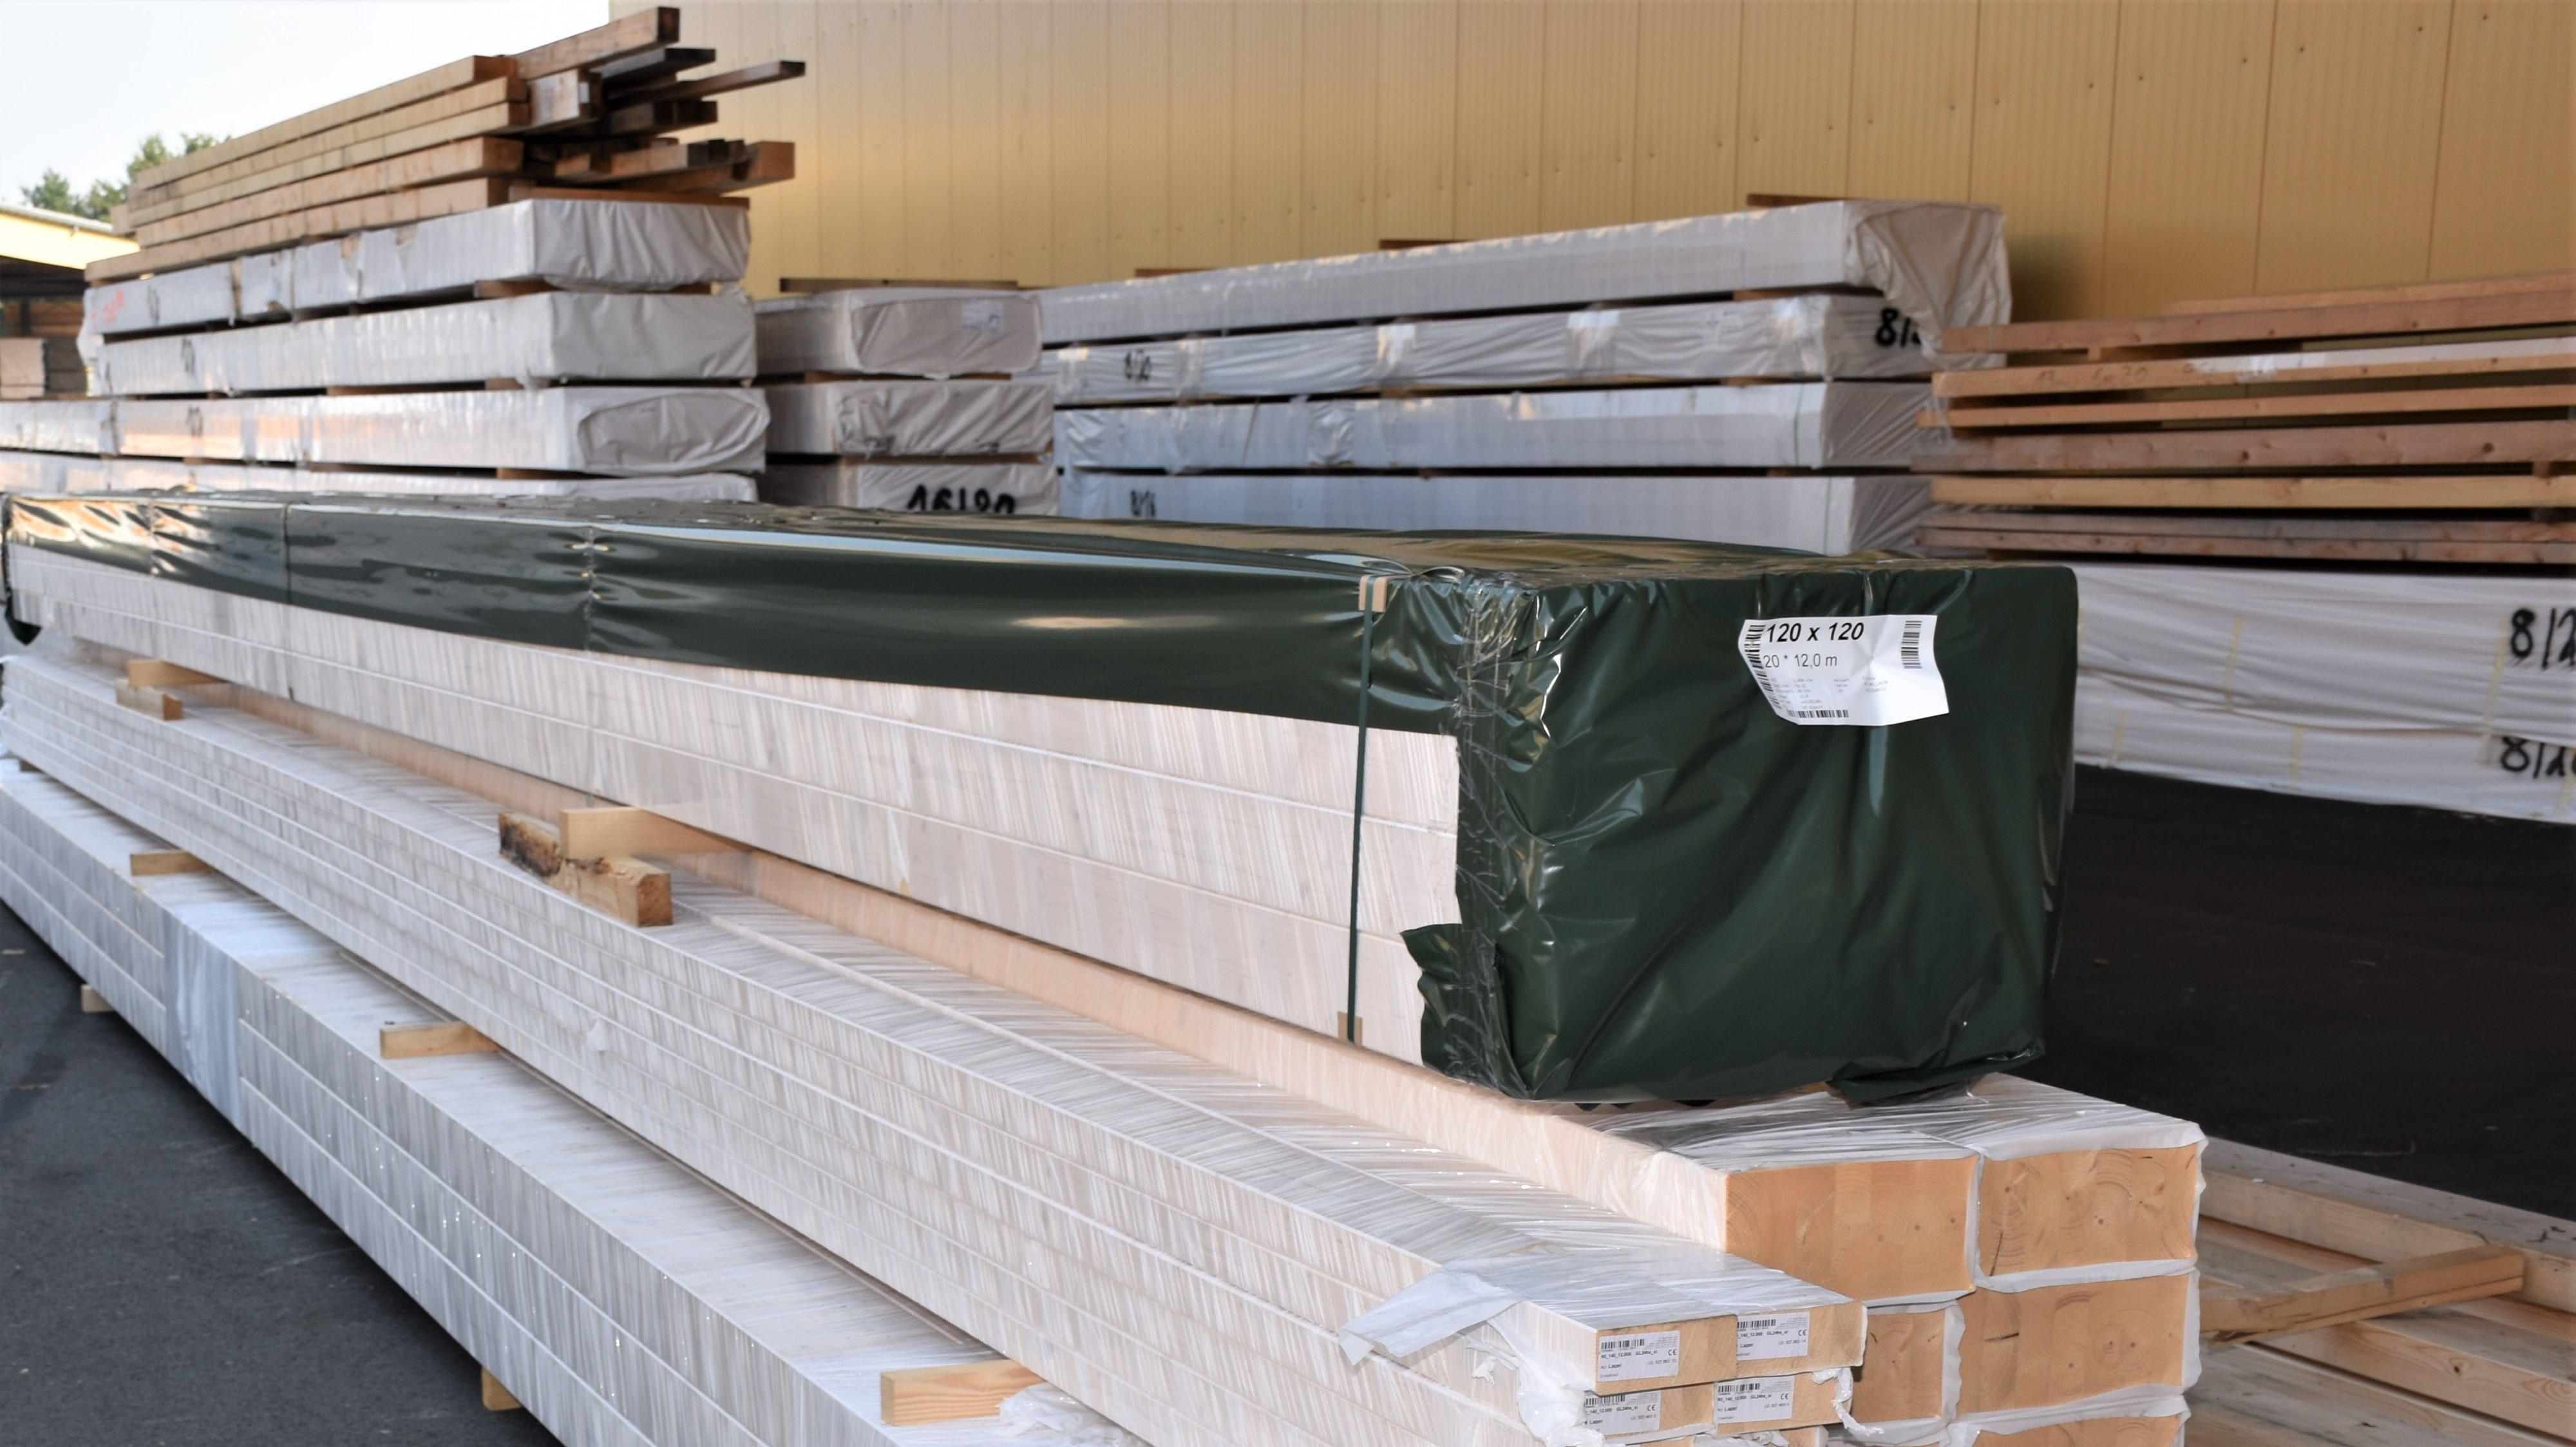 Fertig gepackte Pakete mit Bauholz: Die Preise des natürlichen Baustoffes explodieren zurzeit. Foto: Kühn